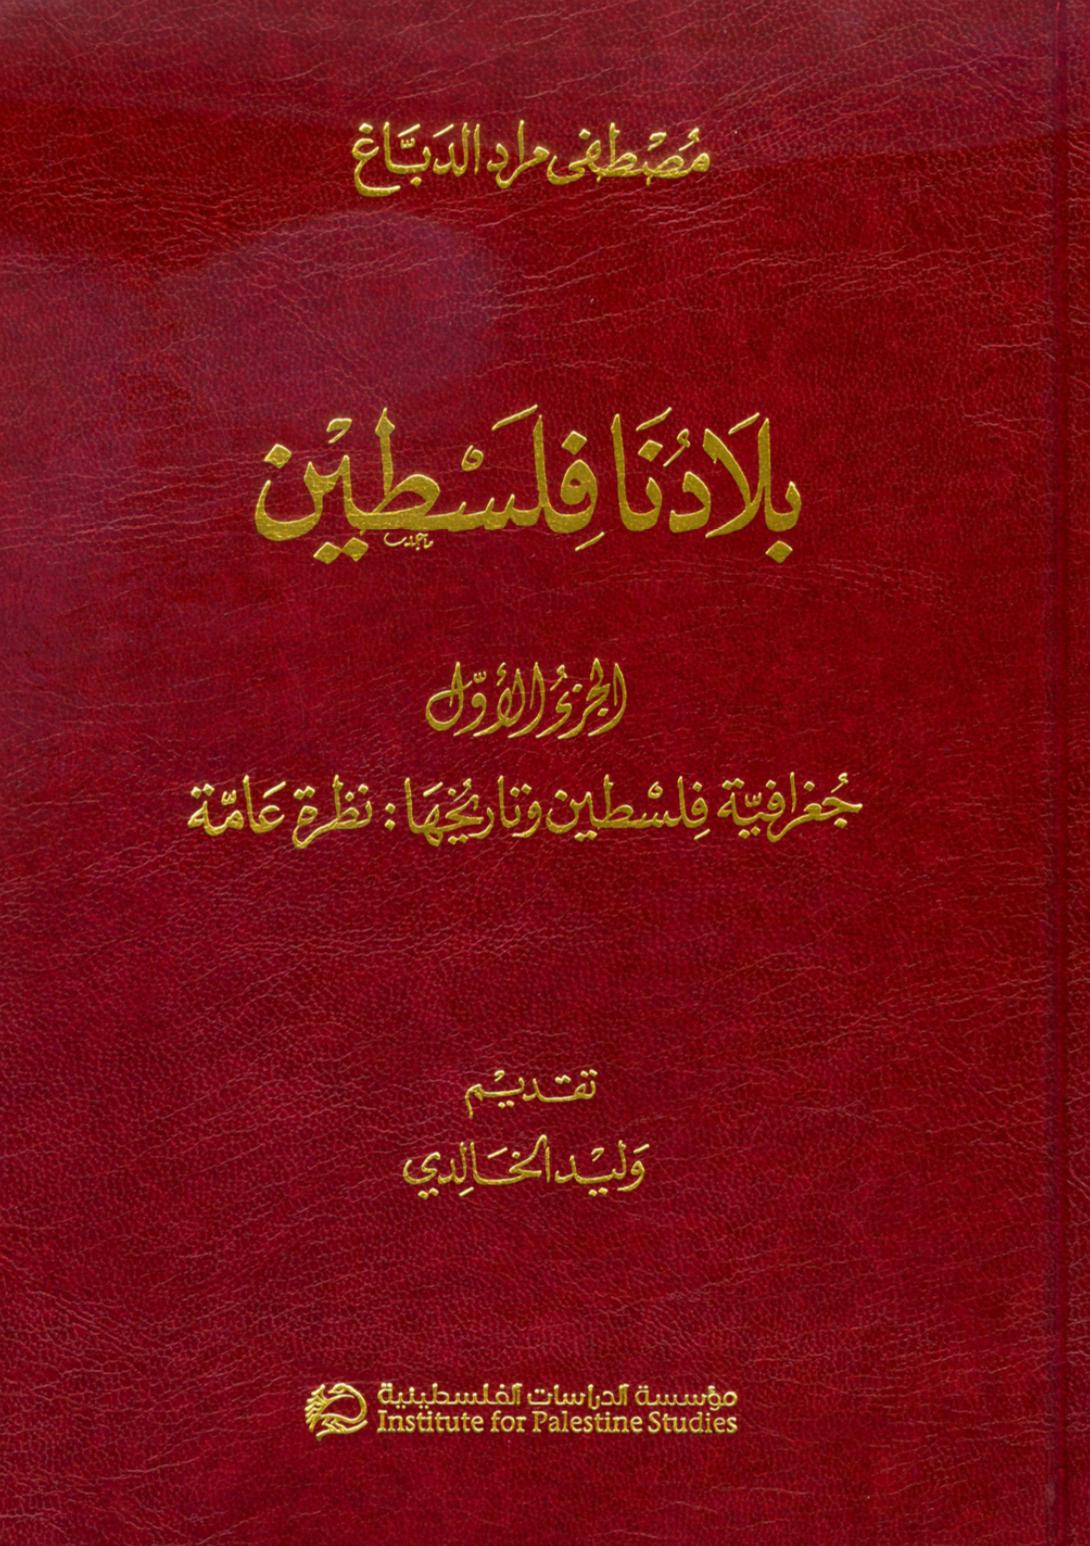 قريباً موسوعة «بلادنا فلسطين» في طبعتها الجديدة والمنقحة